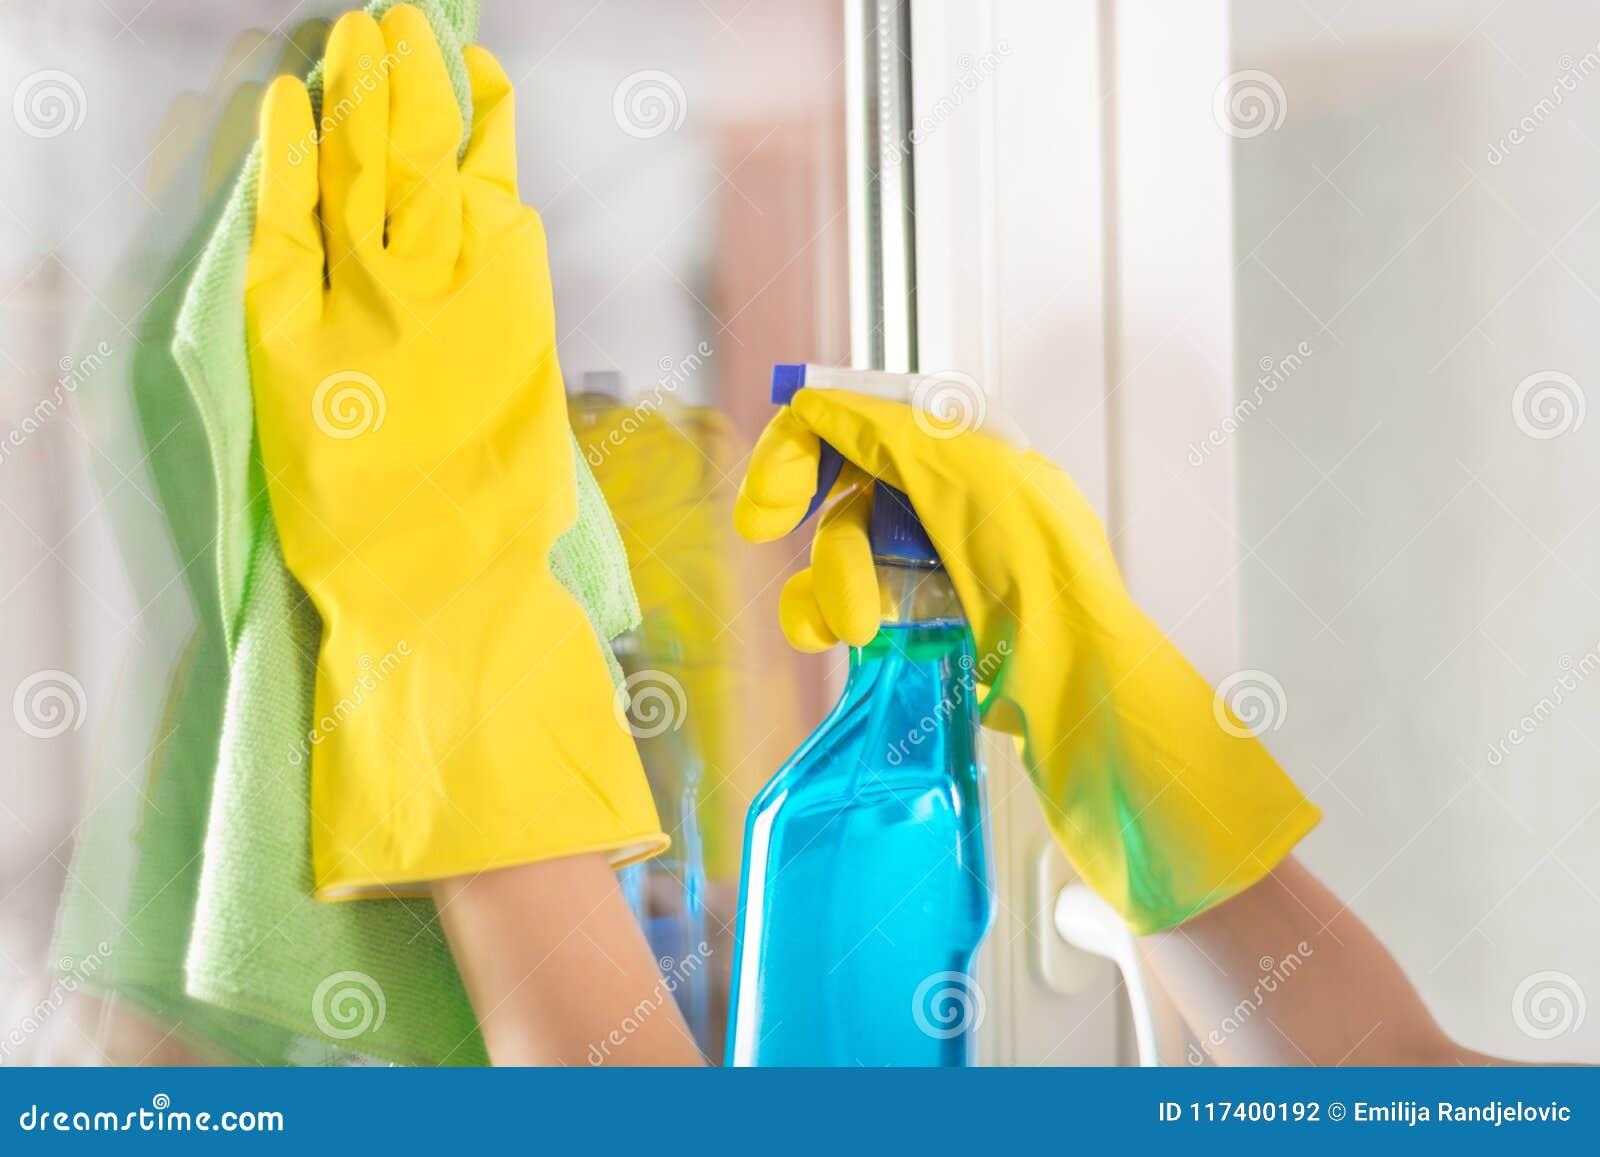 Żeńskie ręki z żółtymi ochronnymi rękawiczkami czyści okno używa zieleń łachman i detergentową kiść w domu